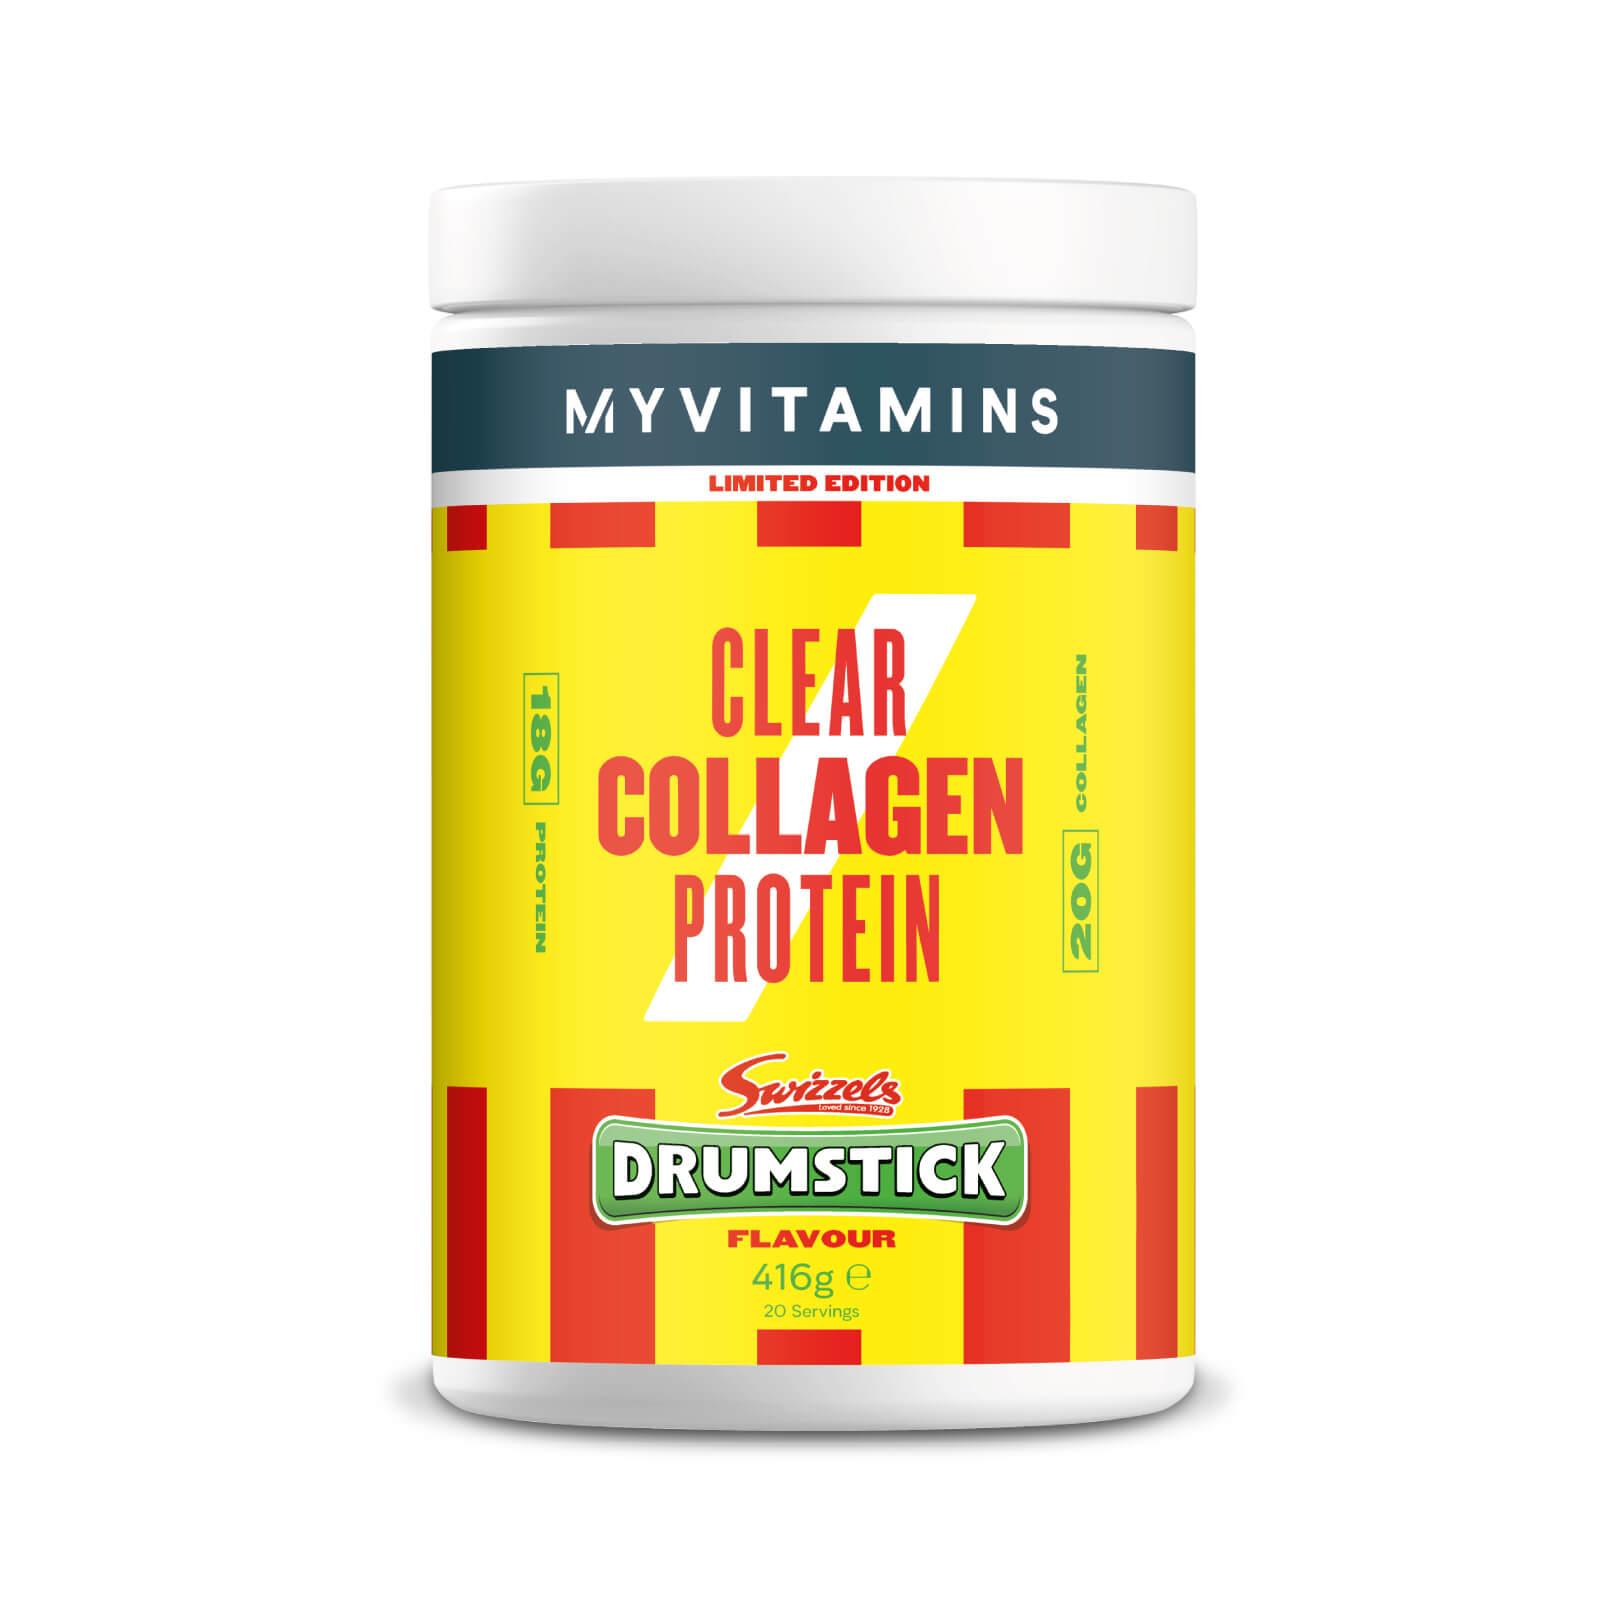 Myvitamins Clear Collagen— Drumstick (Swizzels) - 420g - Drumstick